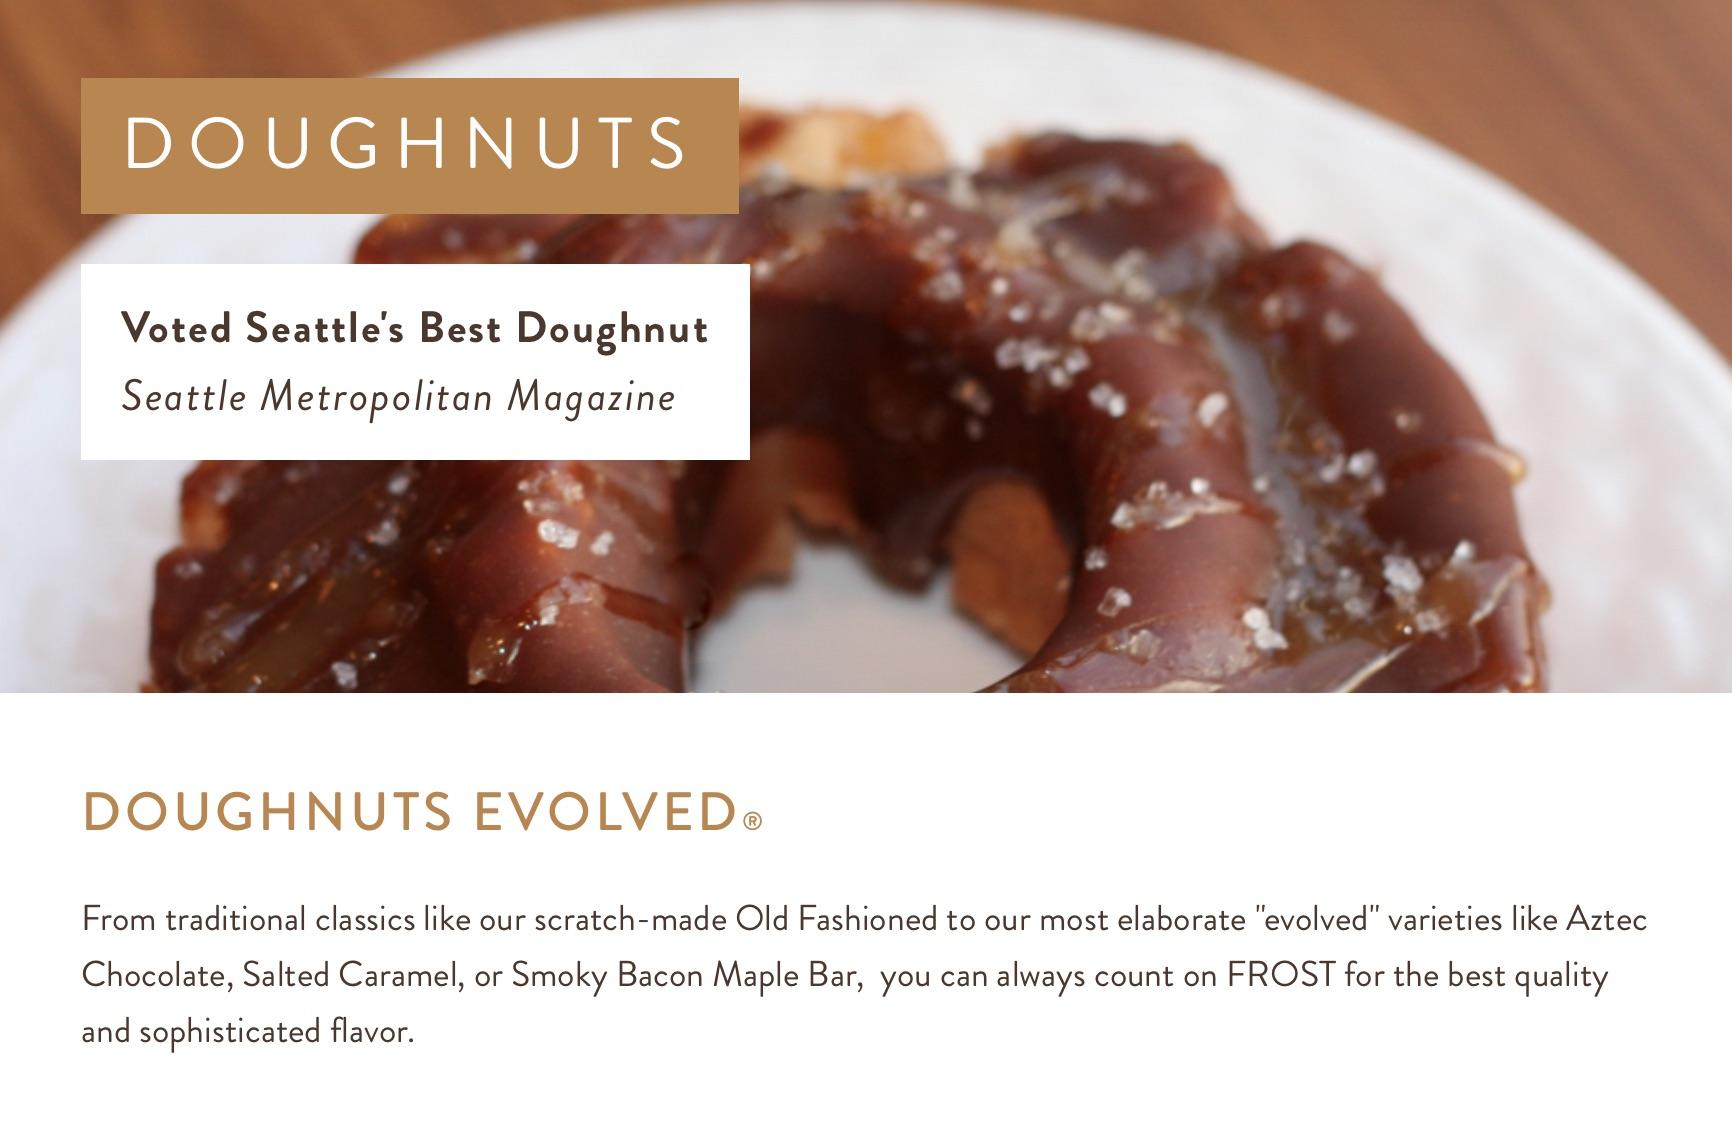 Doughnut Category